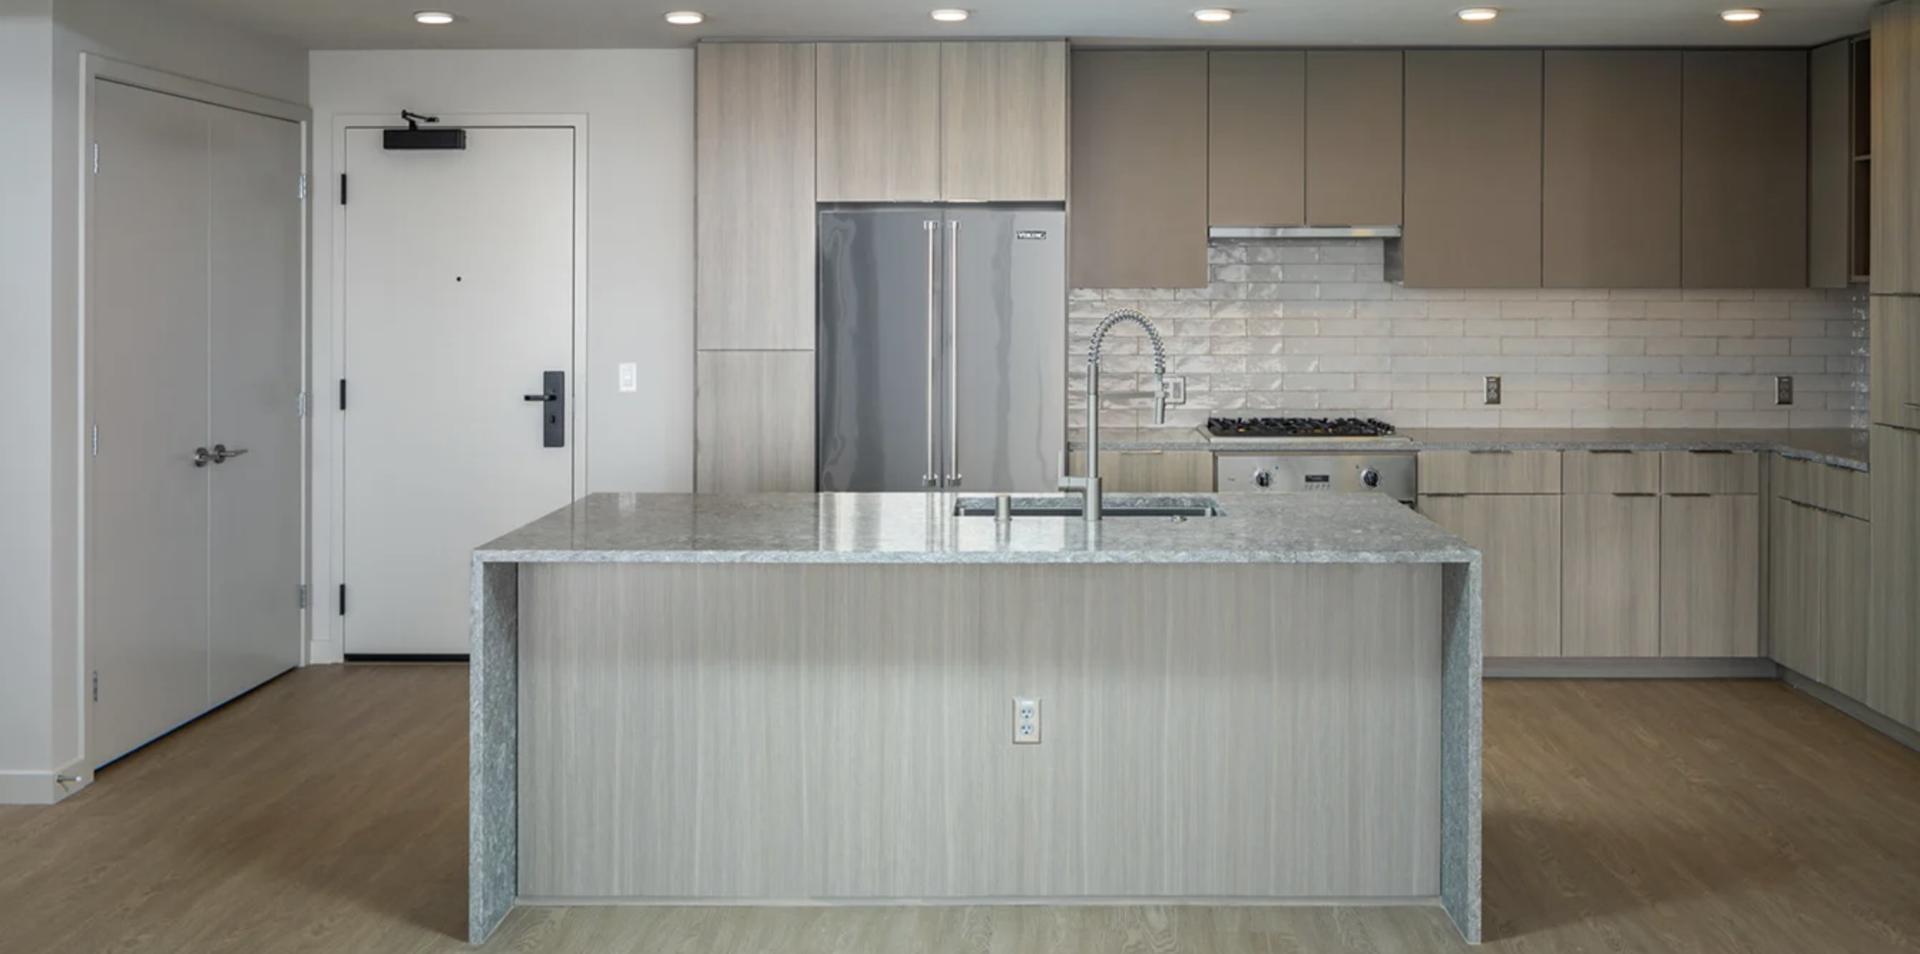 601 11th Avenue #2613, San Diego, CA - $4,445 USD/ month